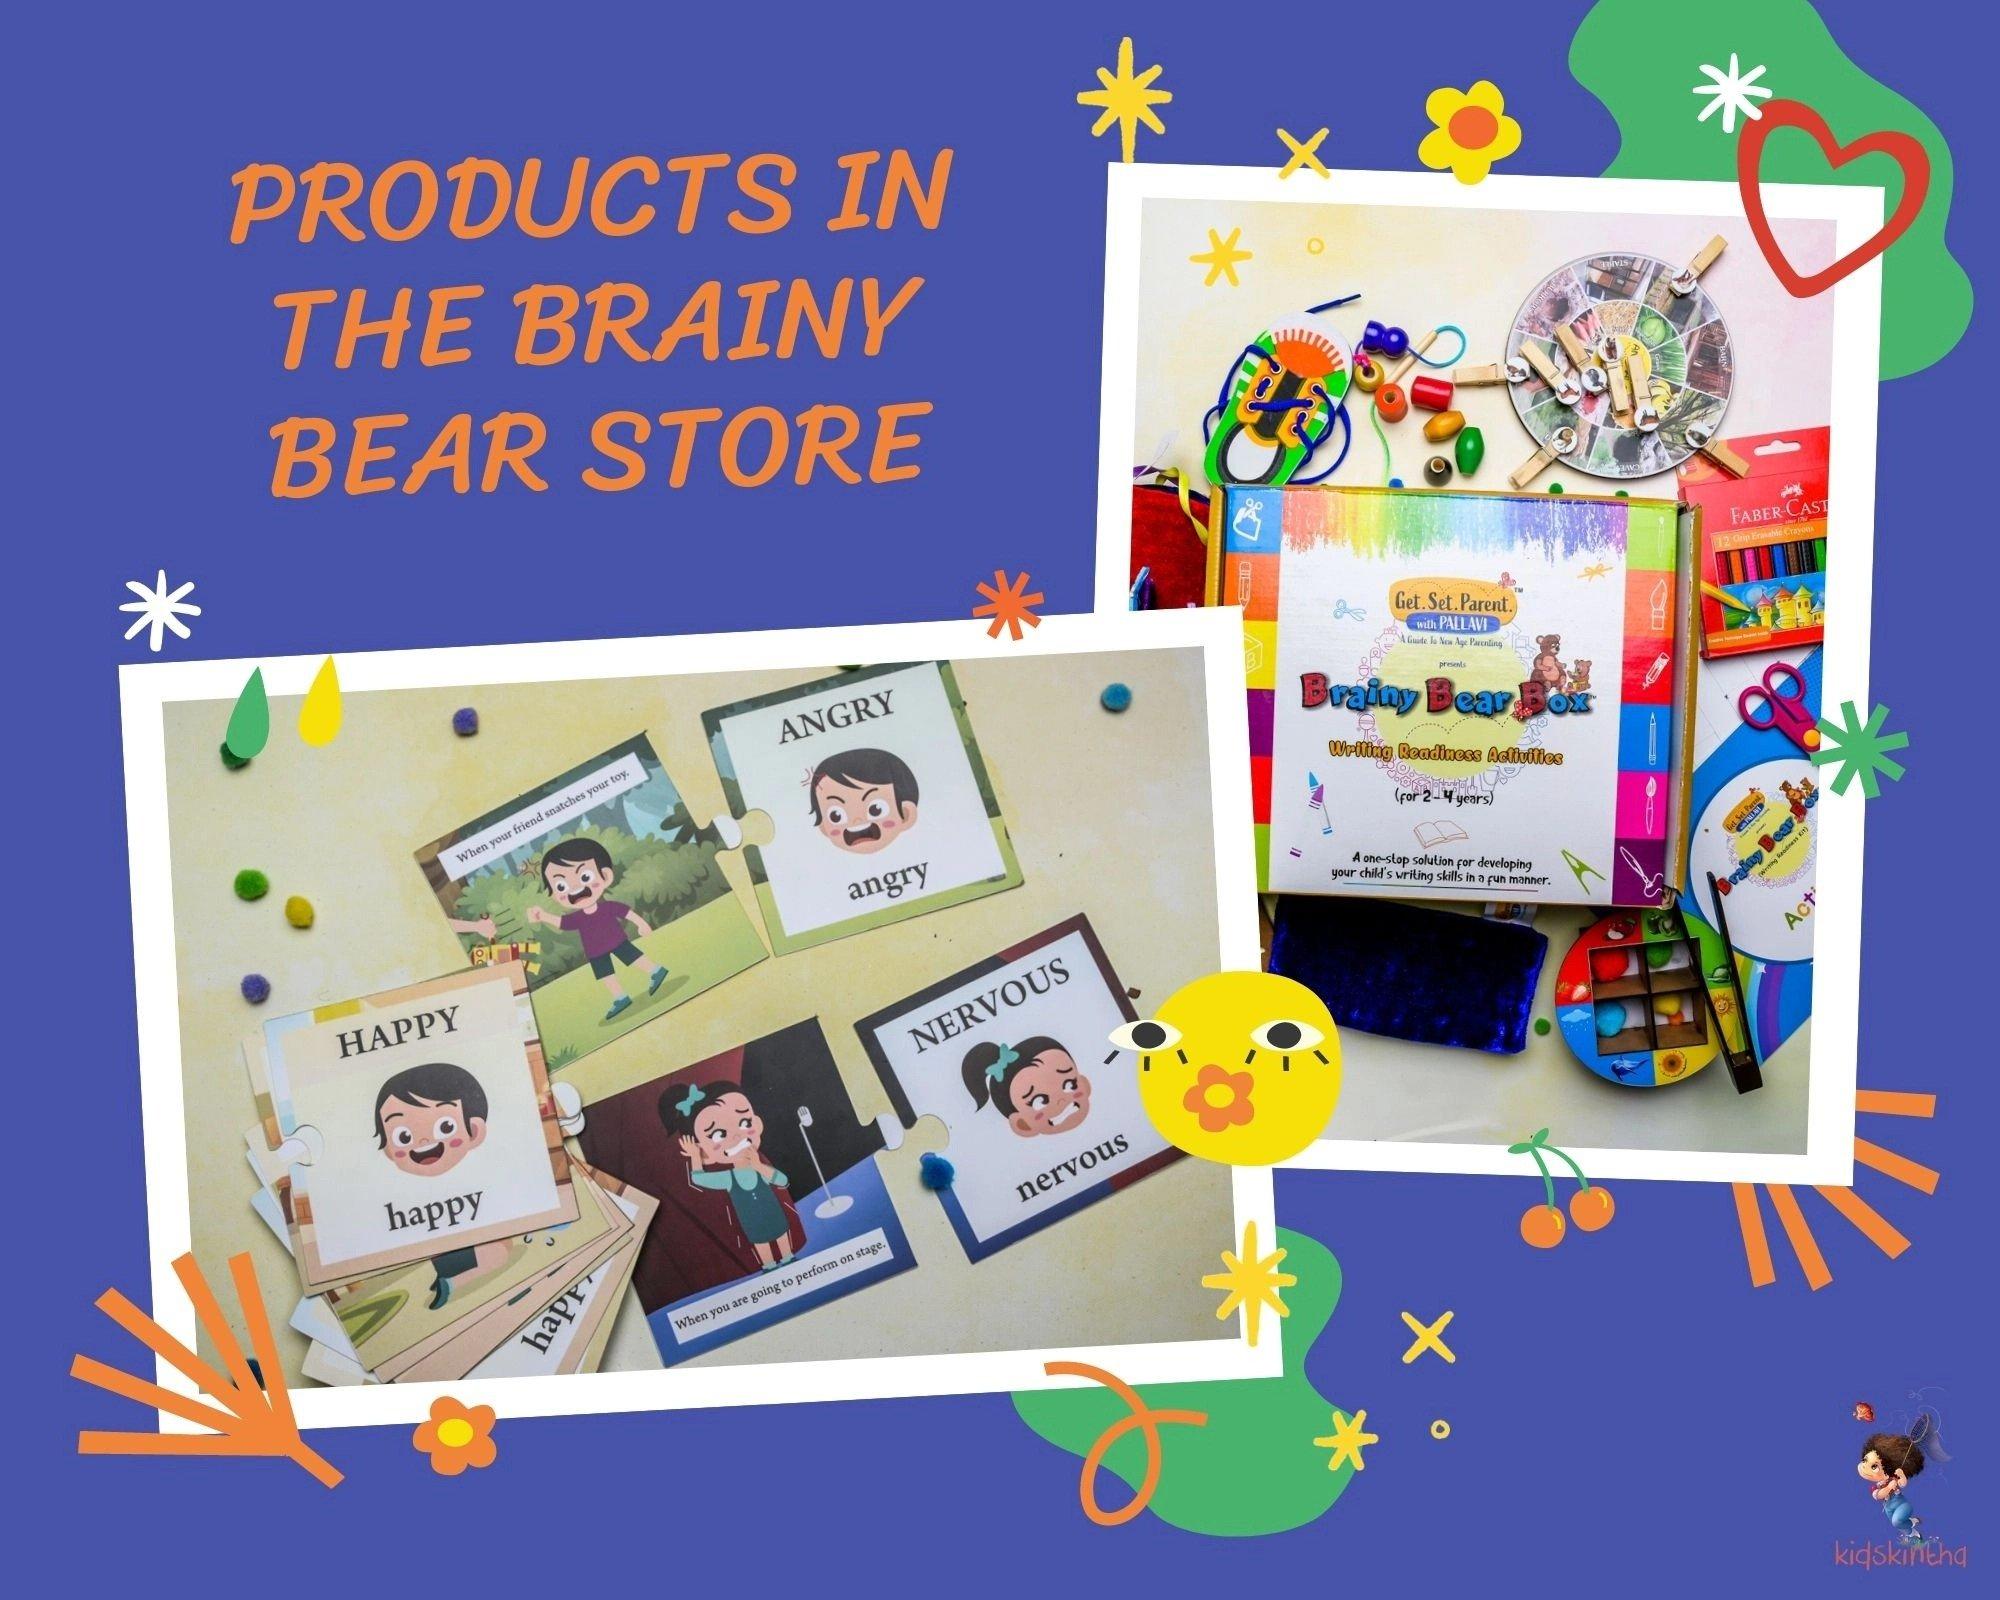 Brainy Bear Store